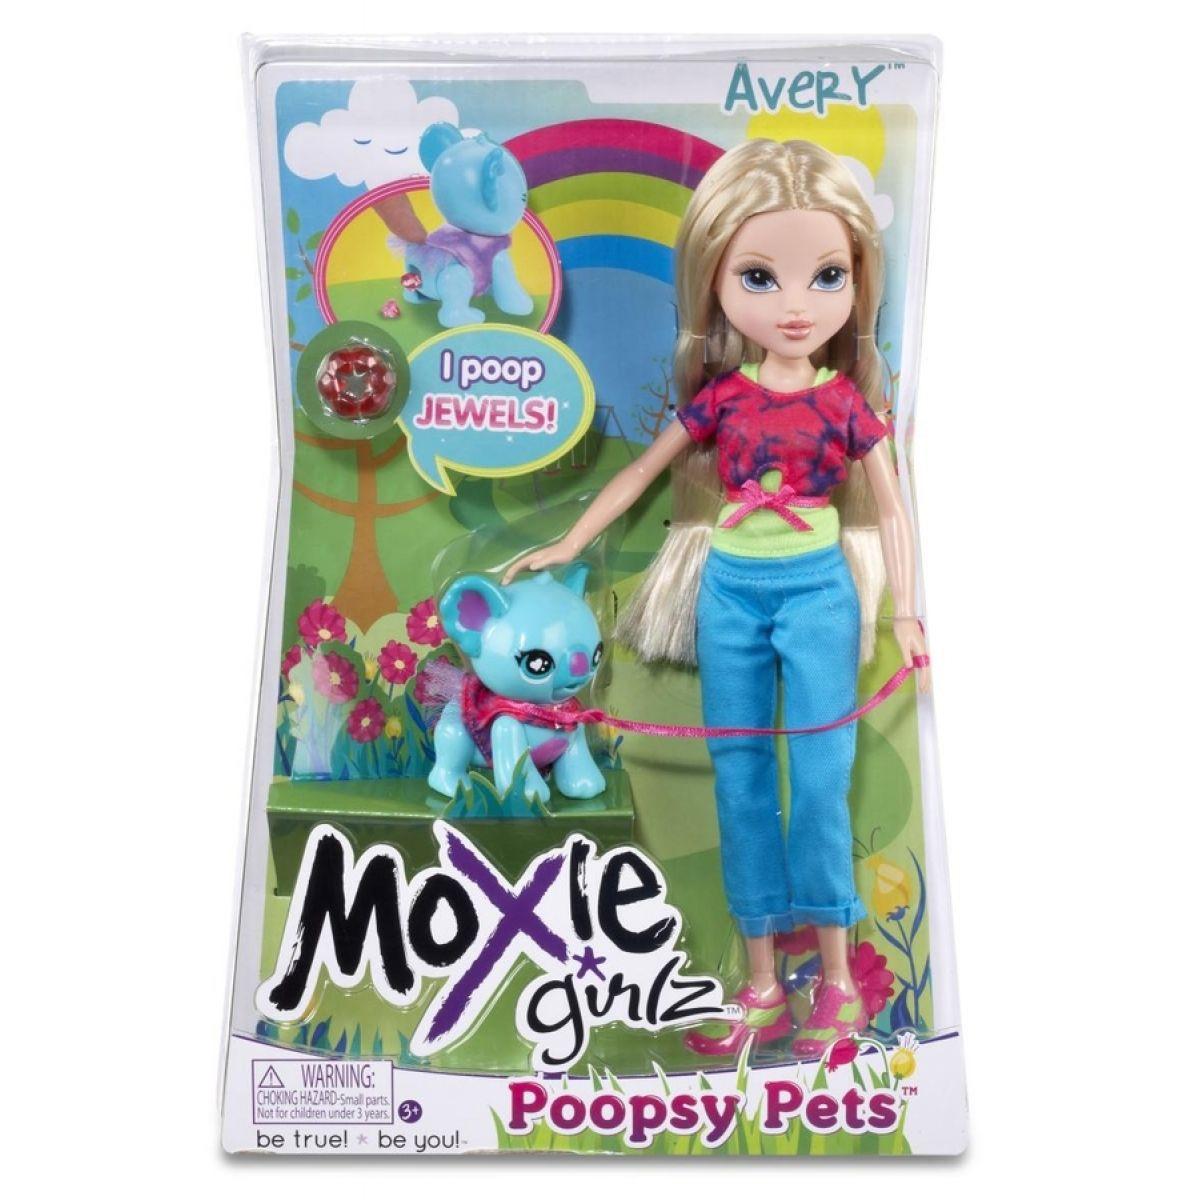 Moxie Girlz Panenka s mazlíčkem - Avery #2